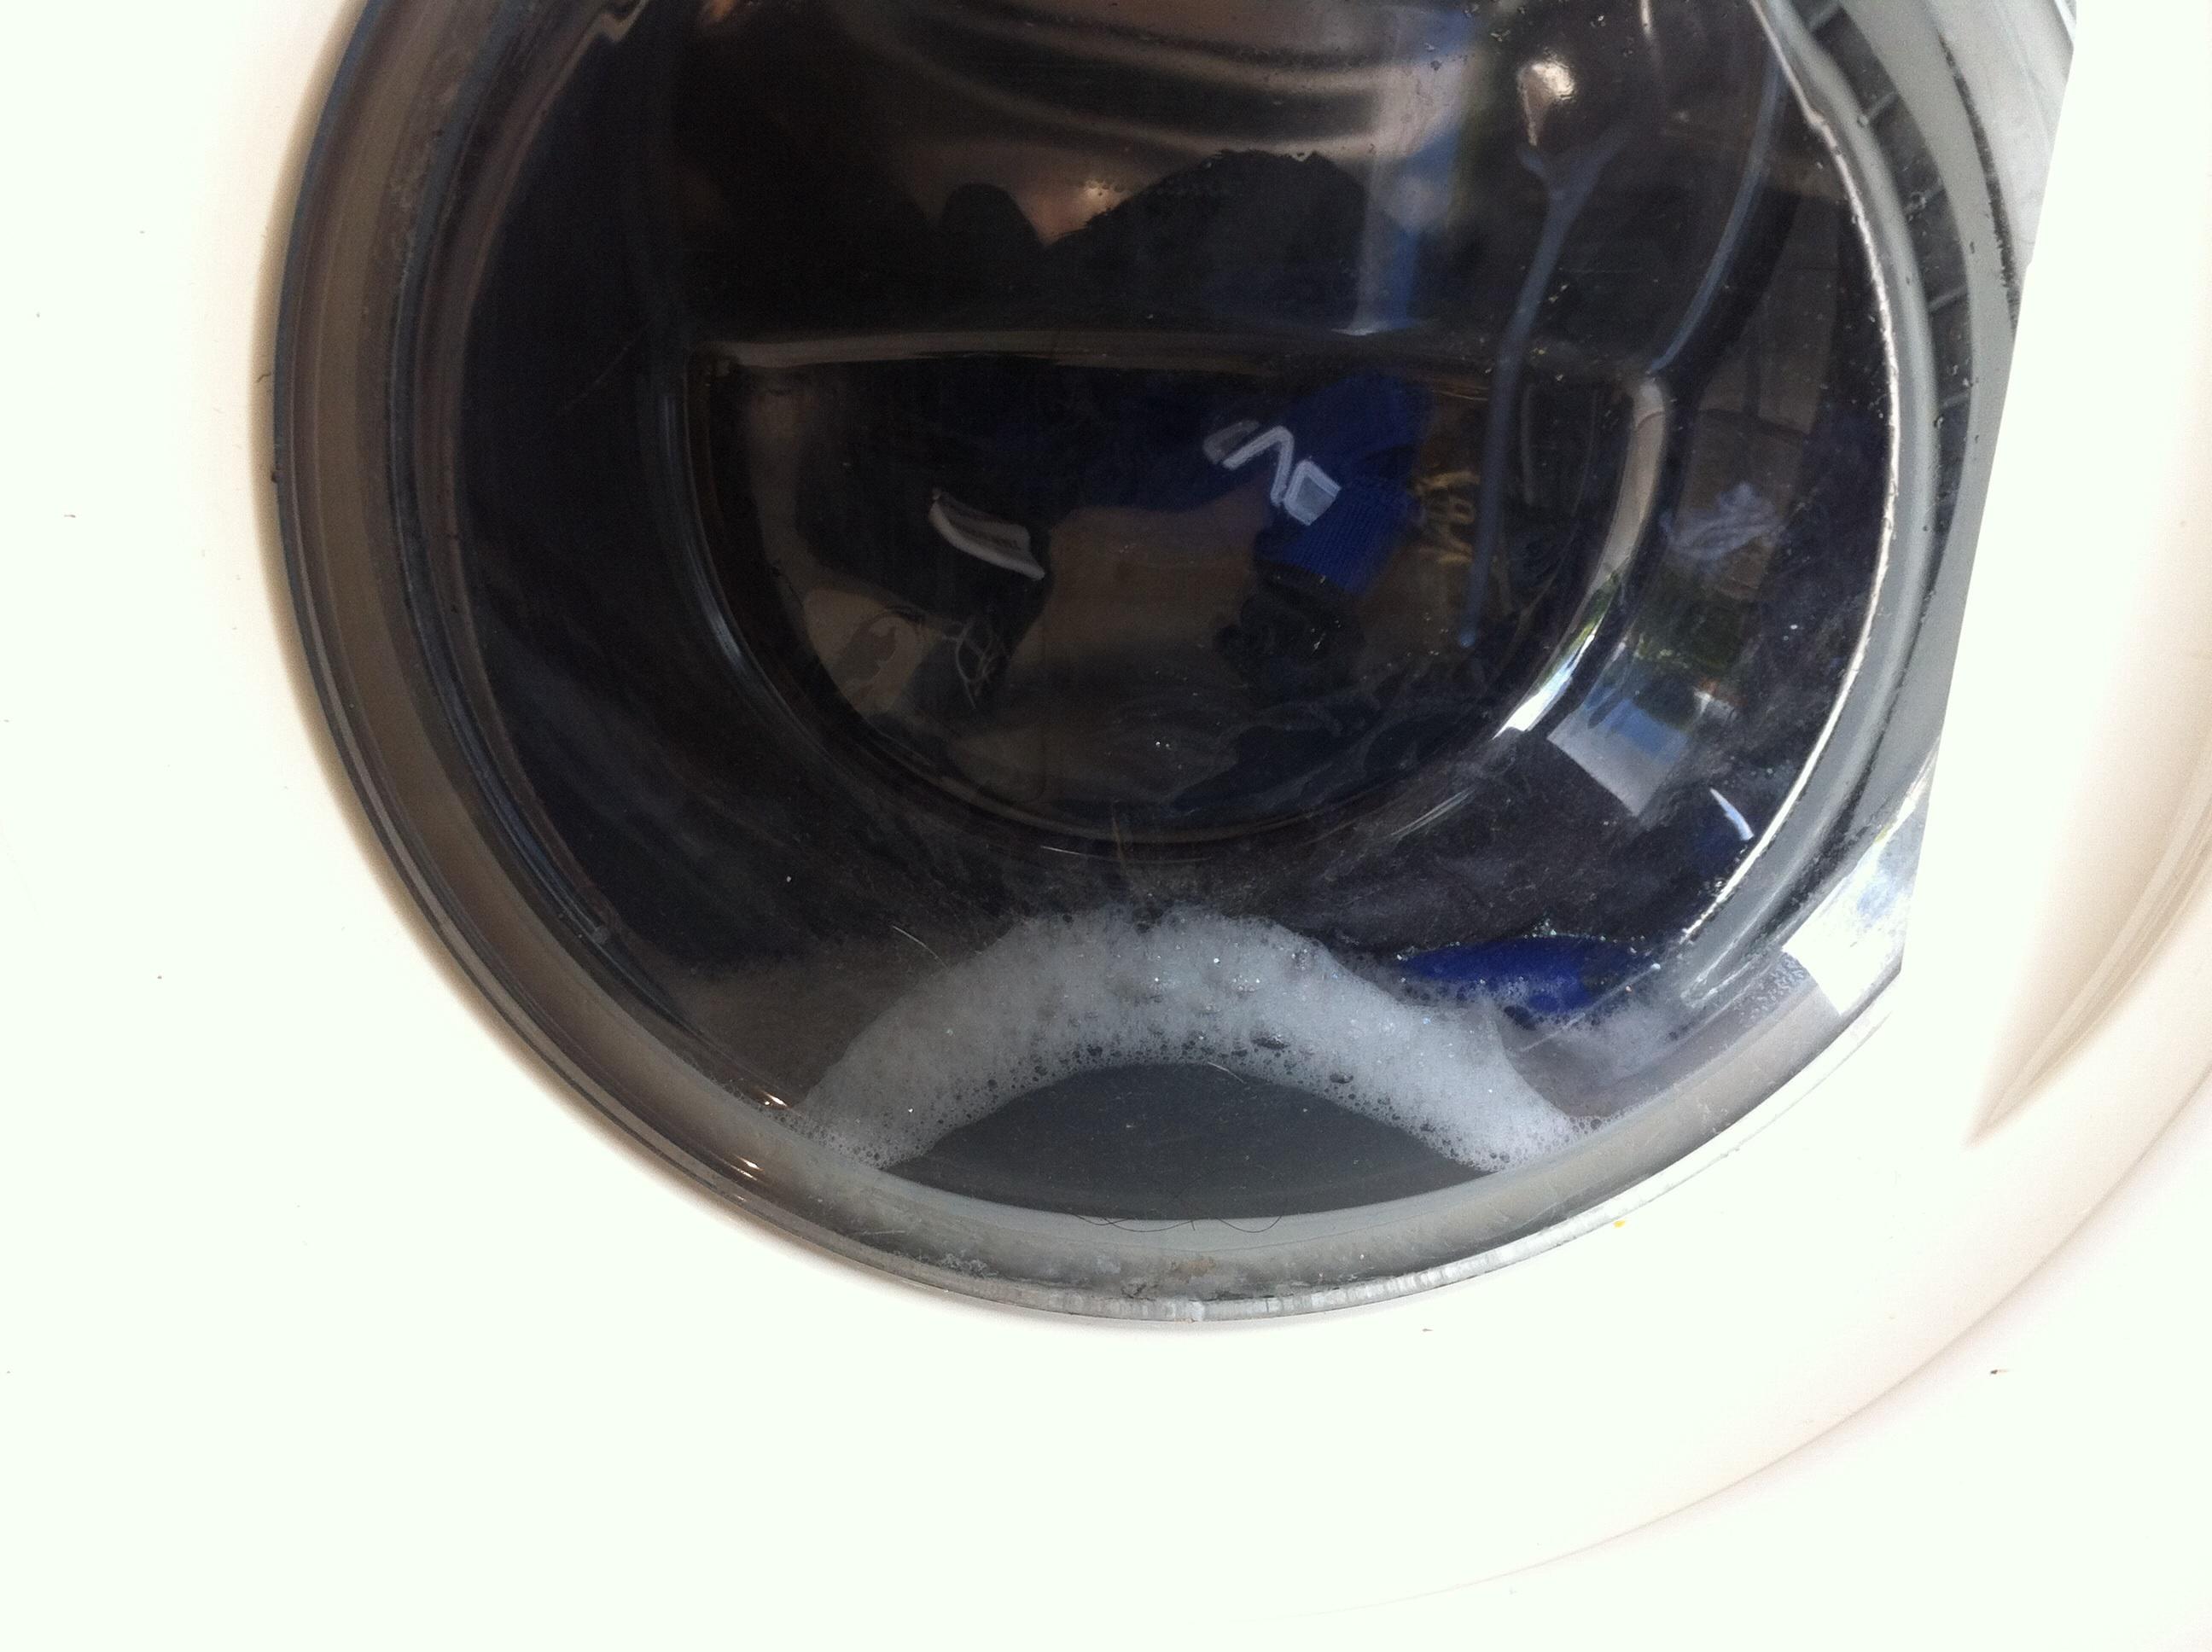 Finestra Oblò Leroy Merlin esperimenti con la lavatrice: possiamo migliorare i lavaggi